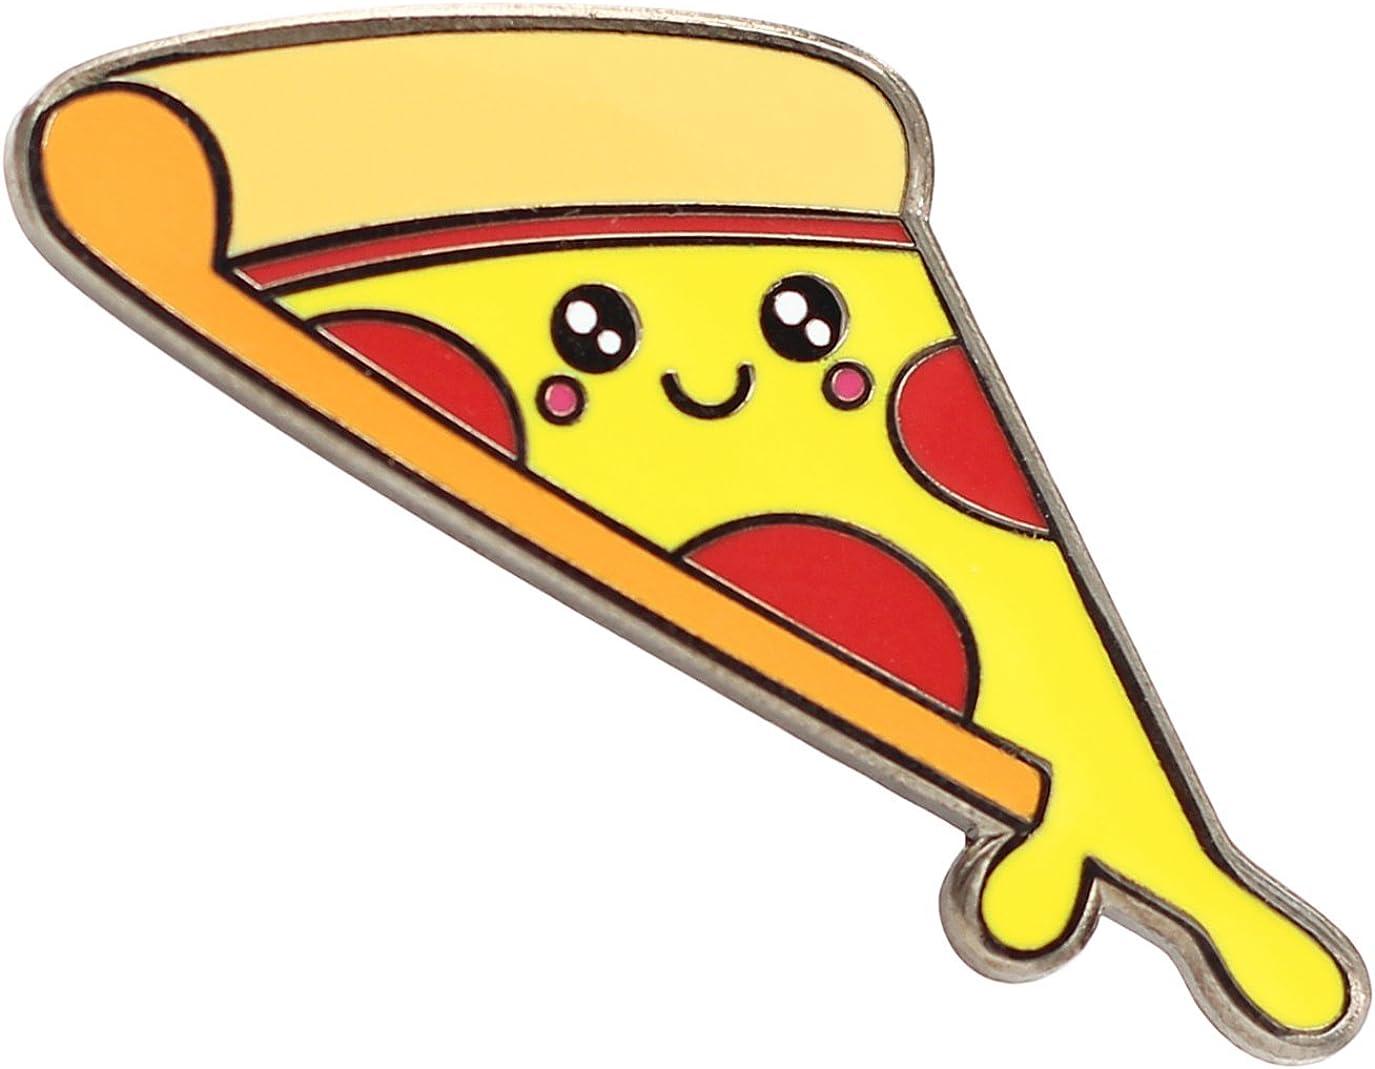 Pizza Enamel Pin by Real Sic - Cute Enamel Pin - Super Kawaii Food Lapel Pin